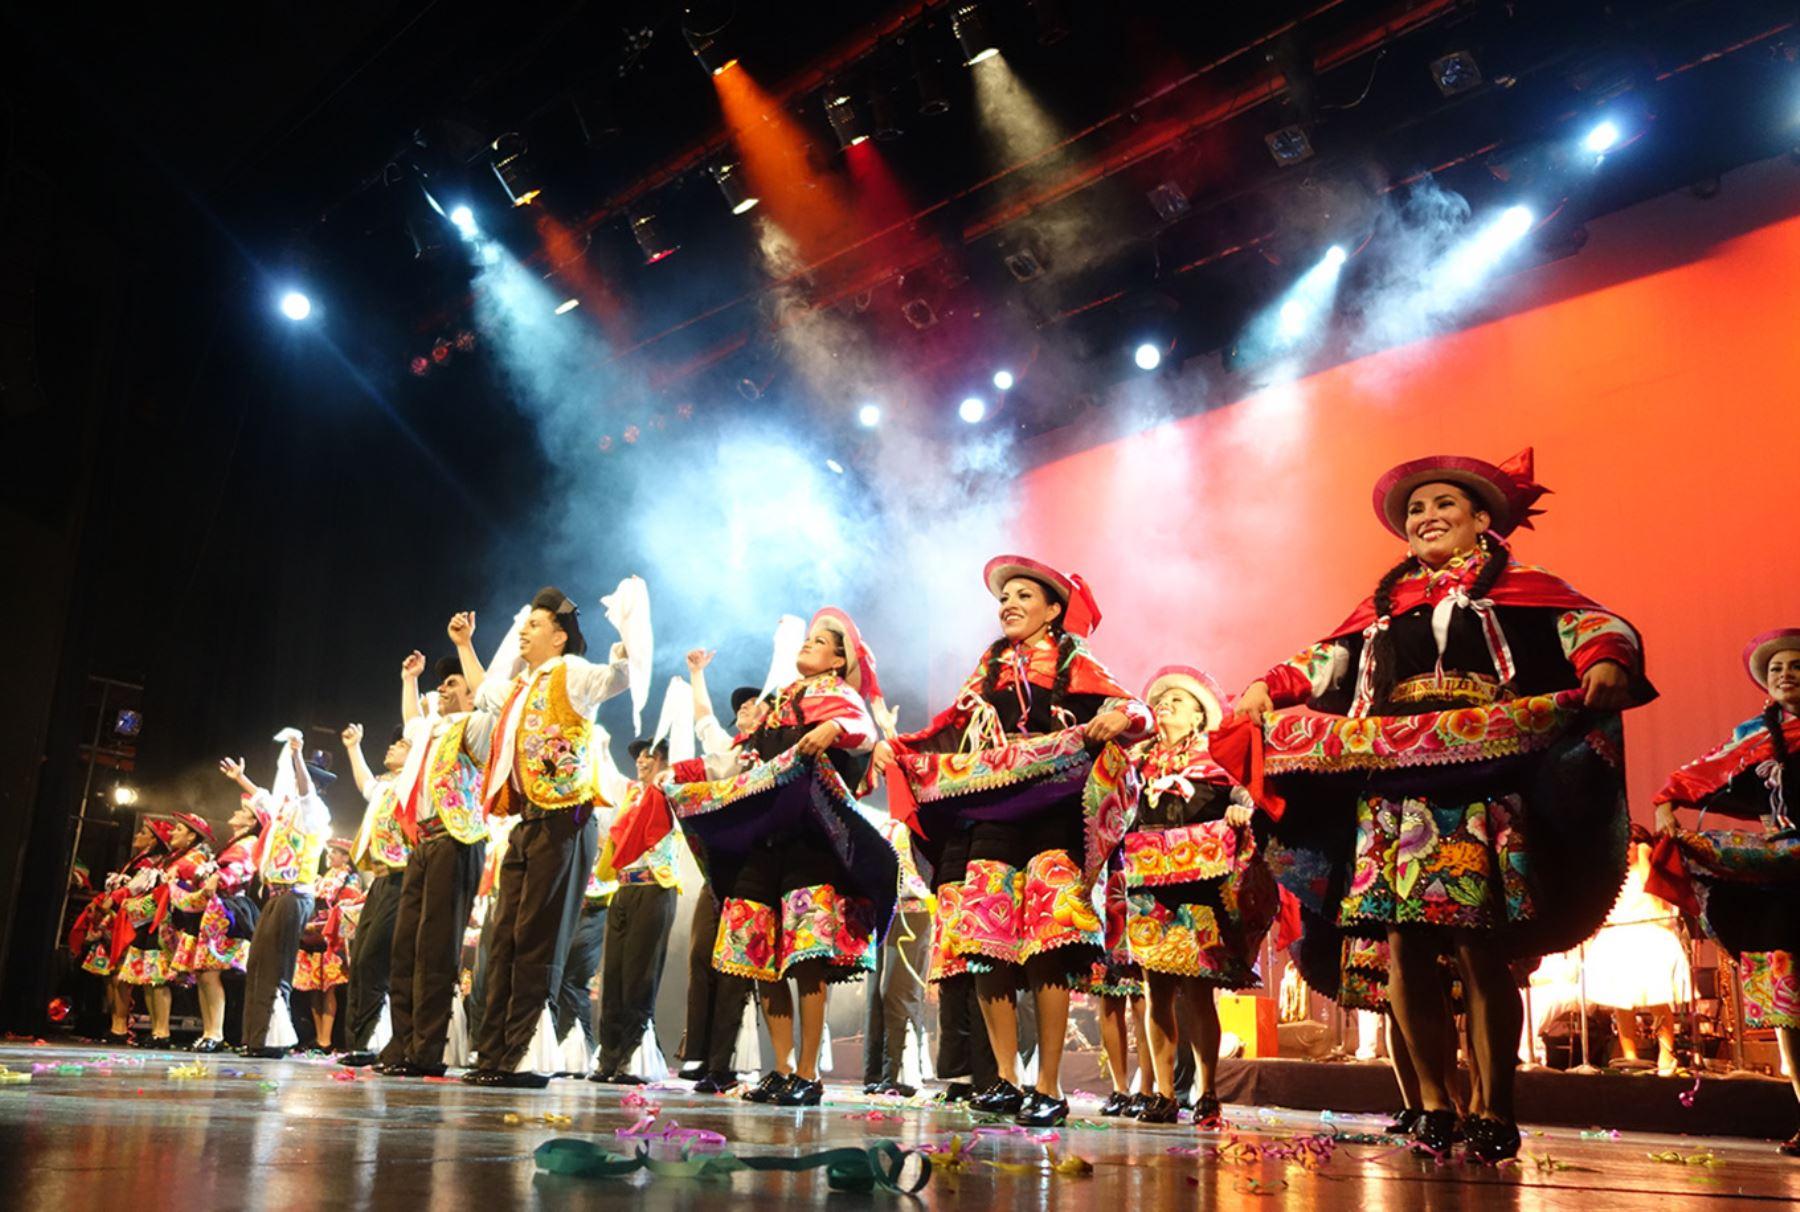 Elenco Nacional de Folclore del Ministerio de Cultura fue ovacionado en el teatro Manuel Doblado, de la ciudad de León (México) en el Festival Internacional Cervantino.Foto: ANDINA/ José Vadillo